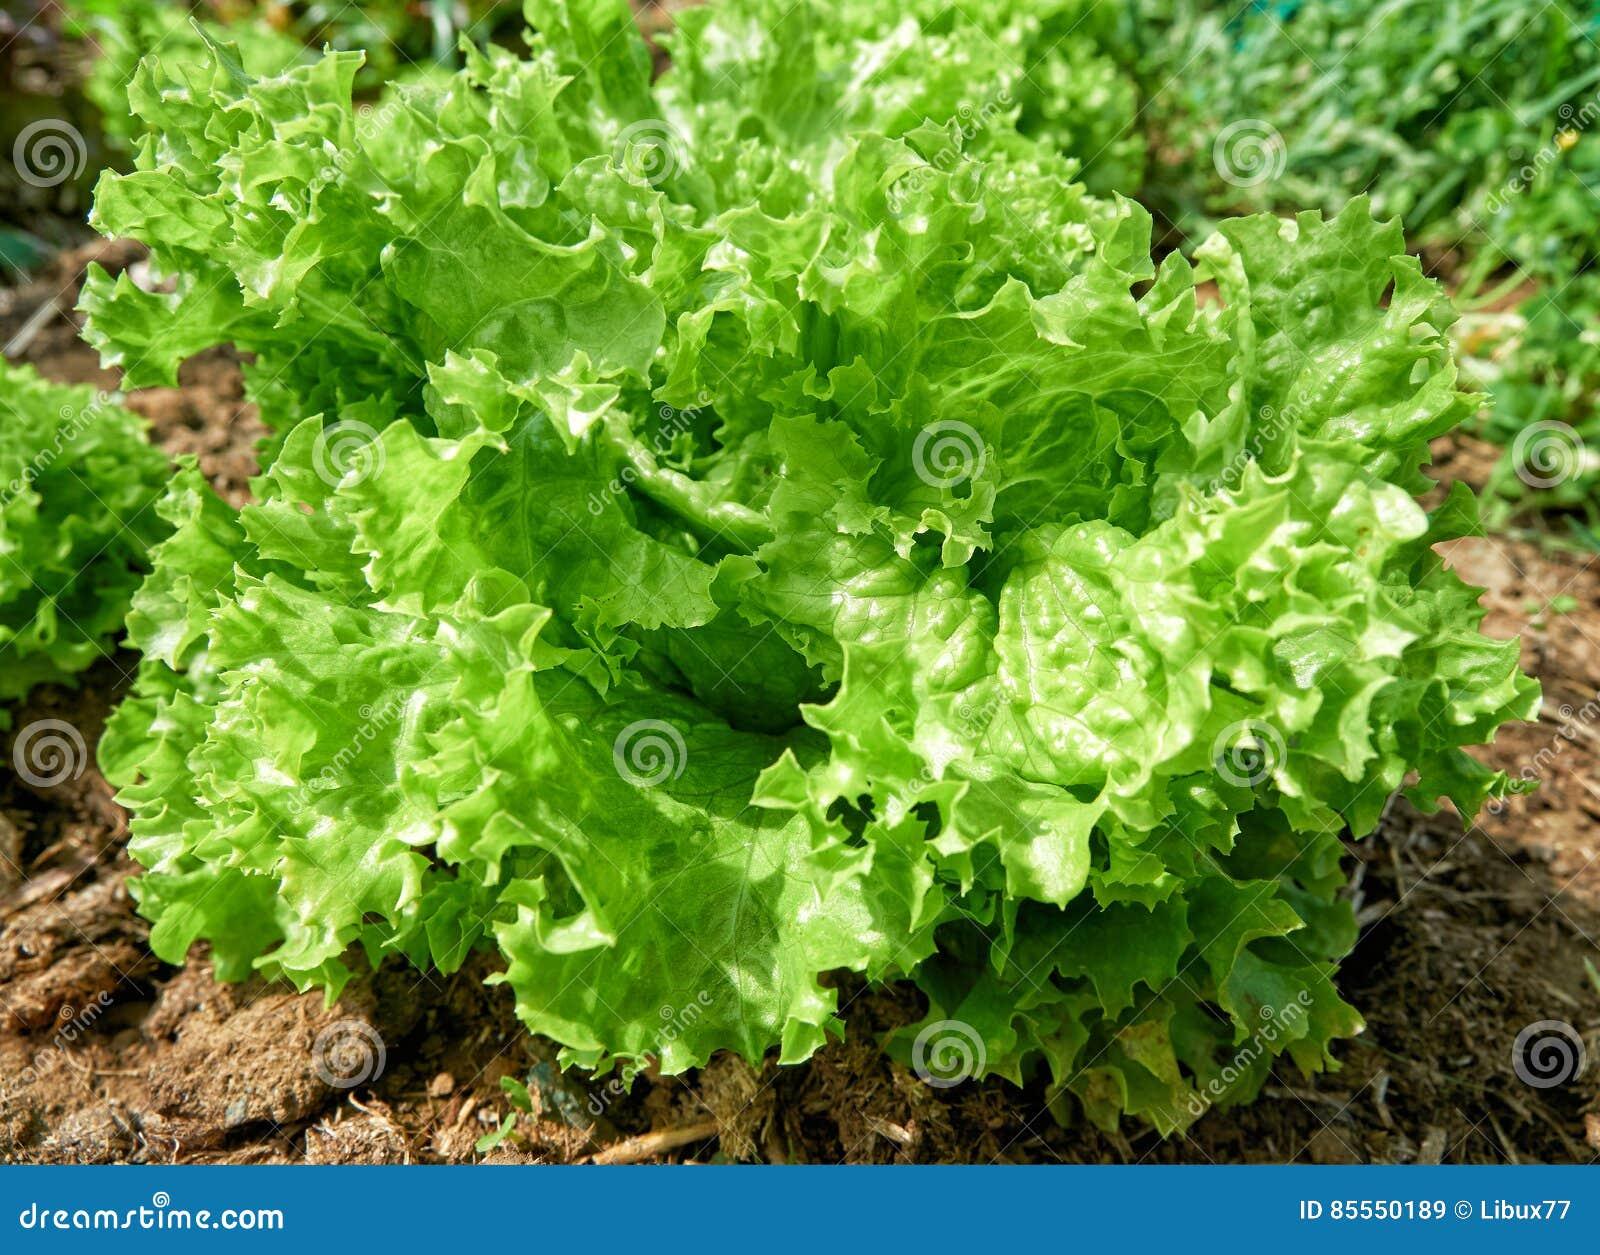 Grüner Kopfsalatsalatboden